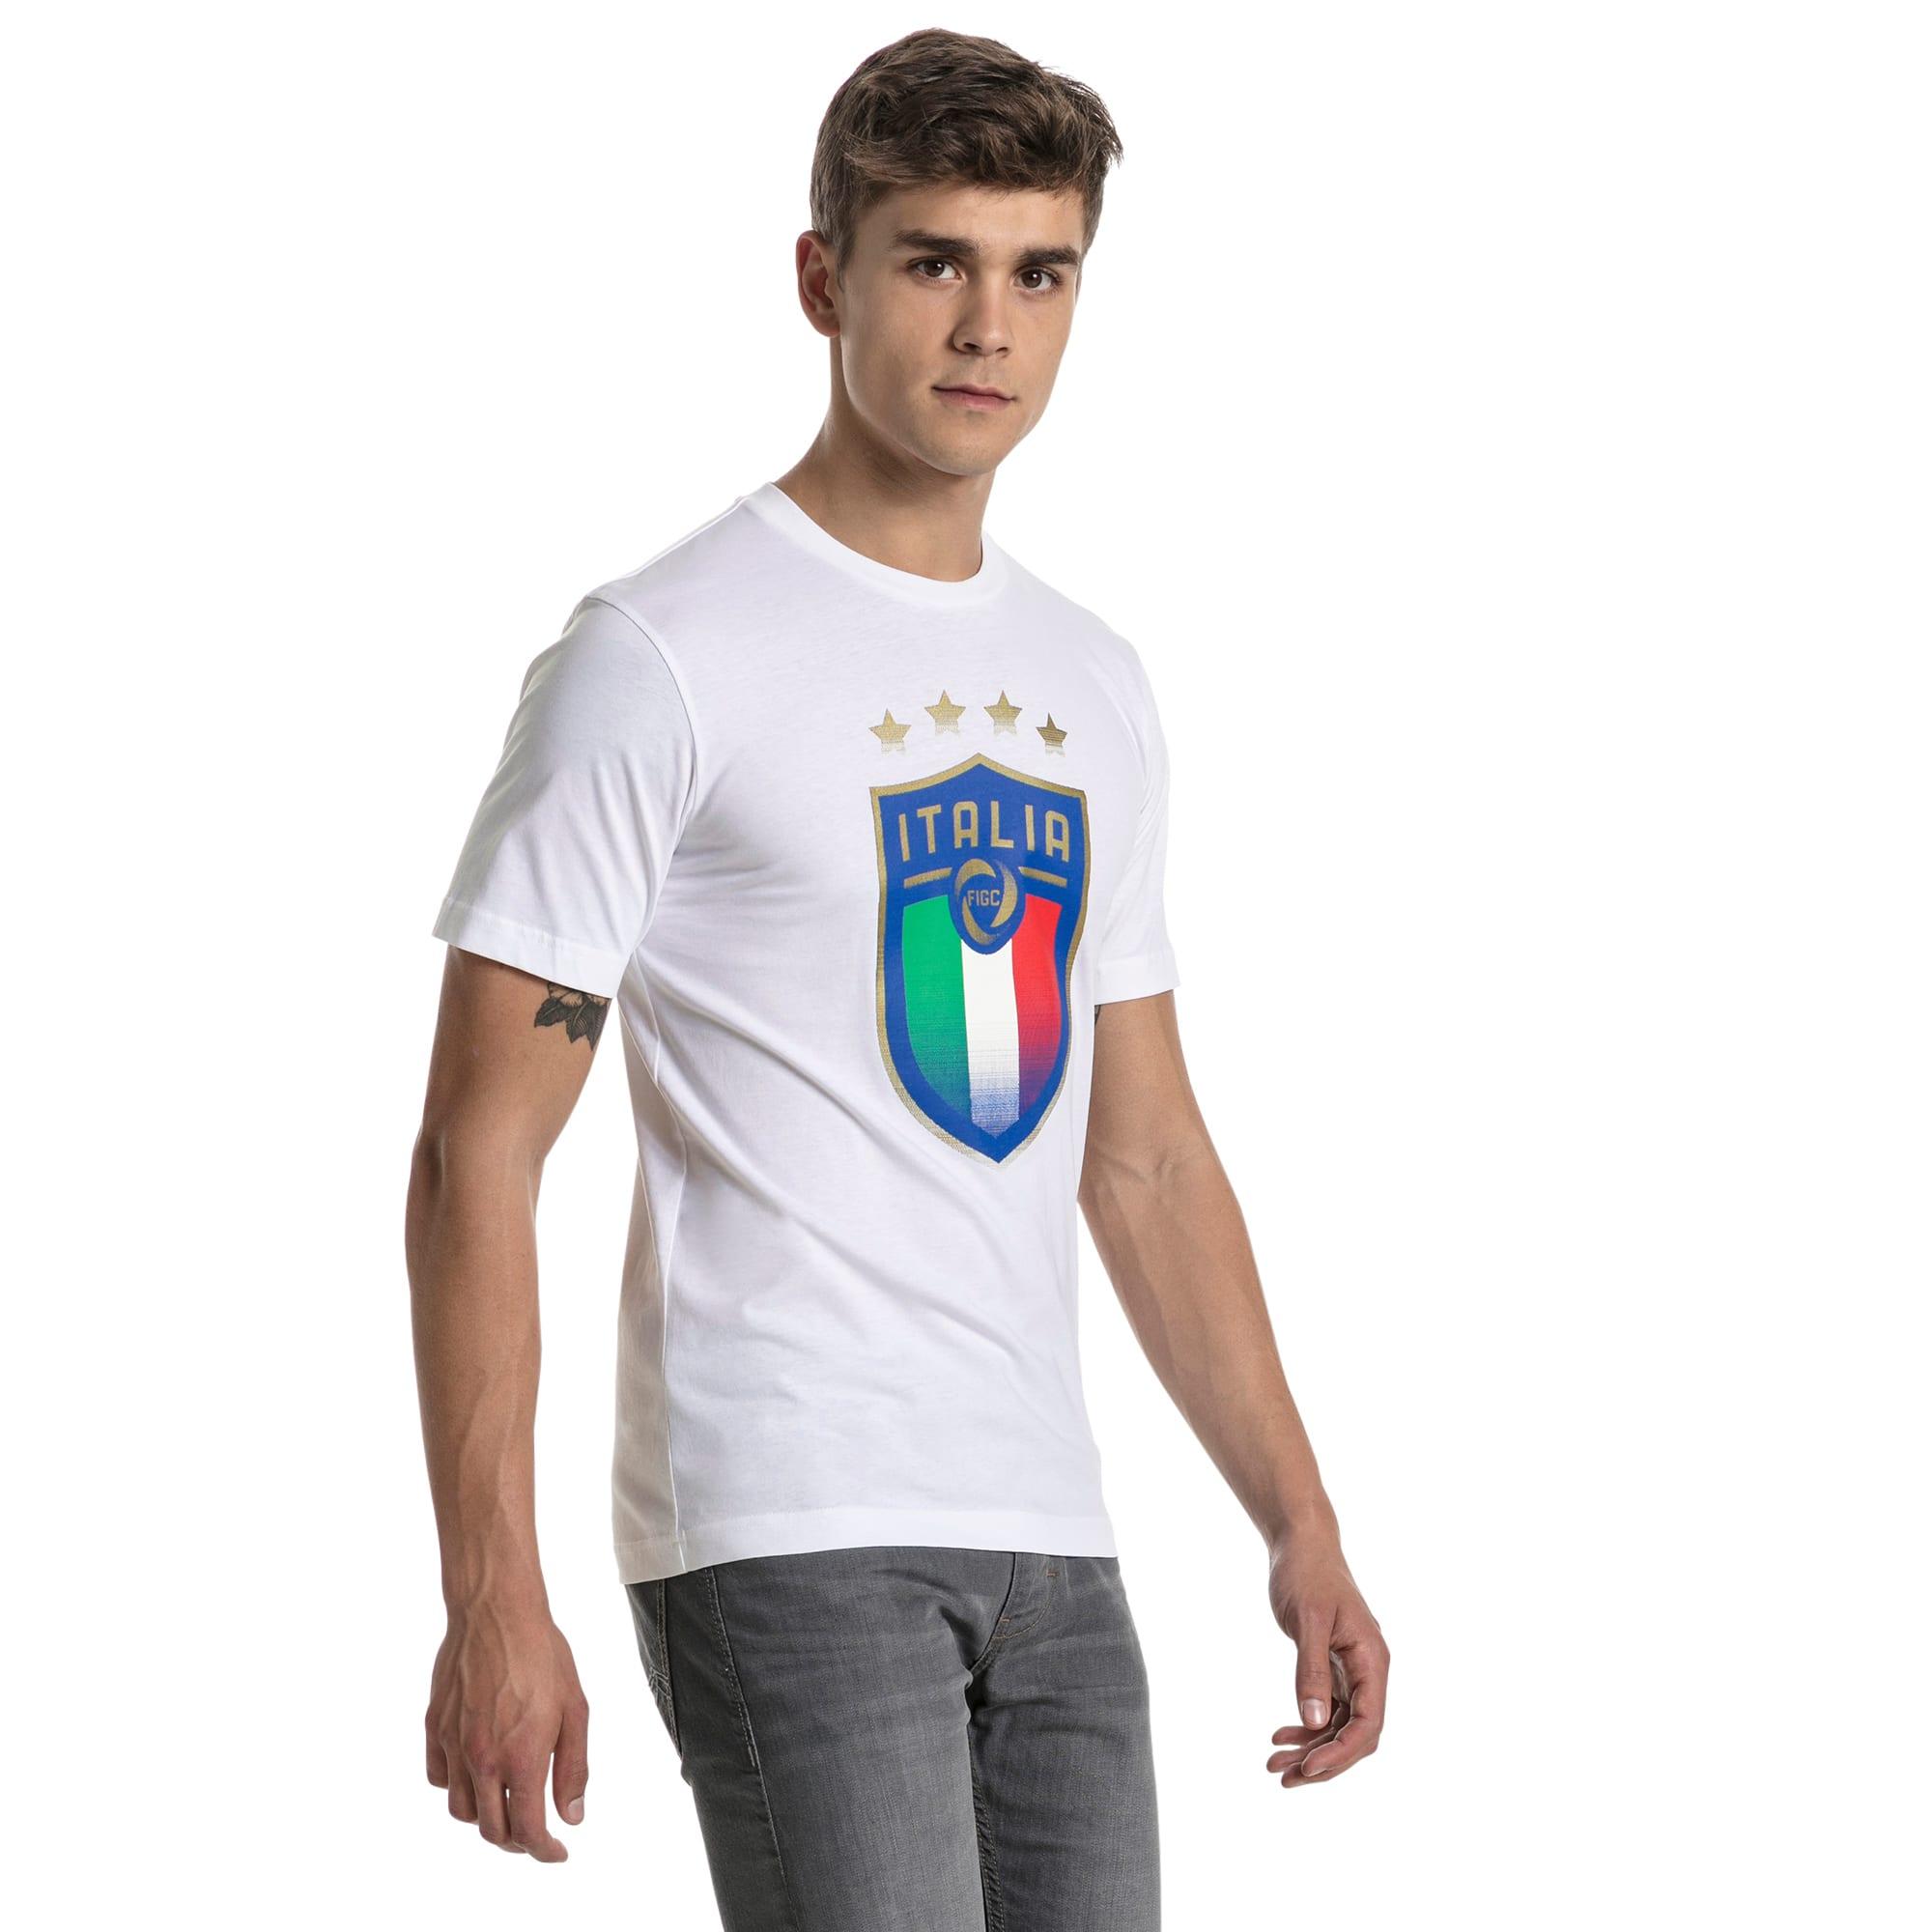 t-shirt italia avec emblème pour homme, blanc, taille s, vêtements